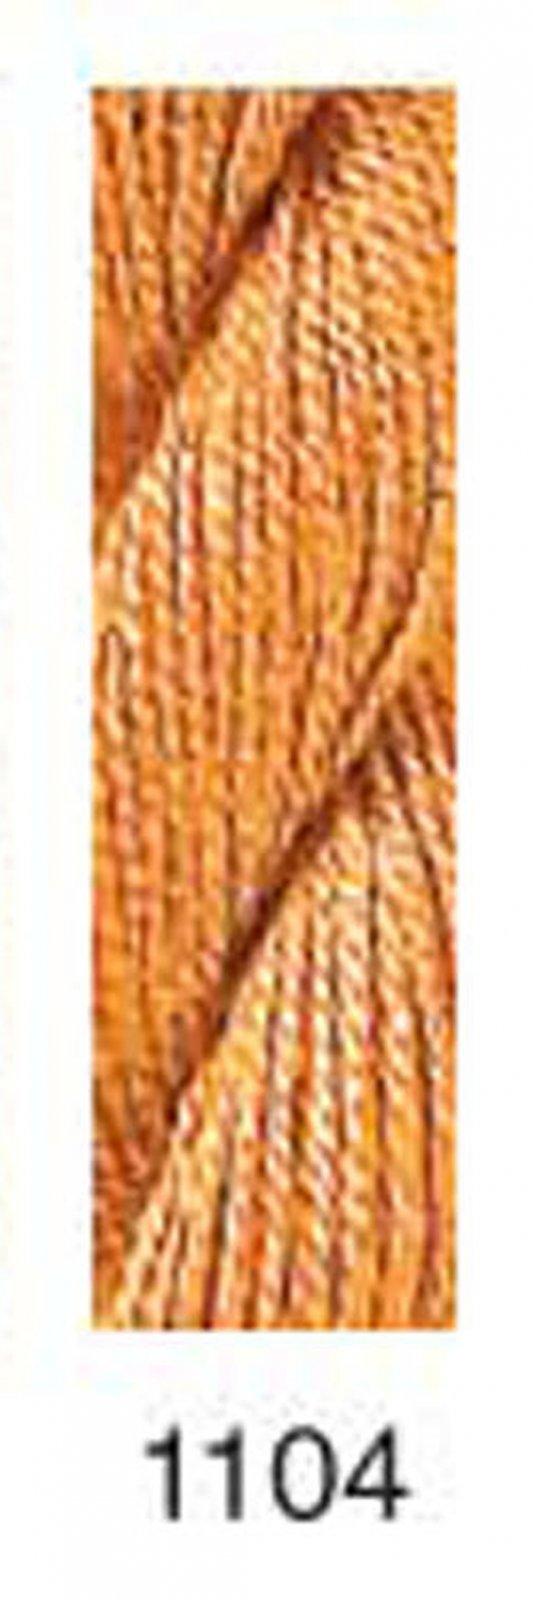 IMP-1104-ORANGE BROWN